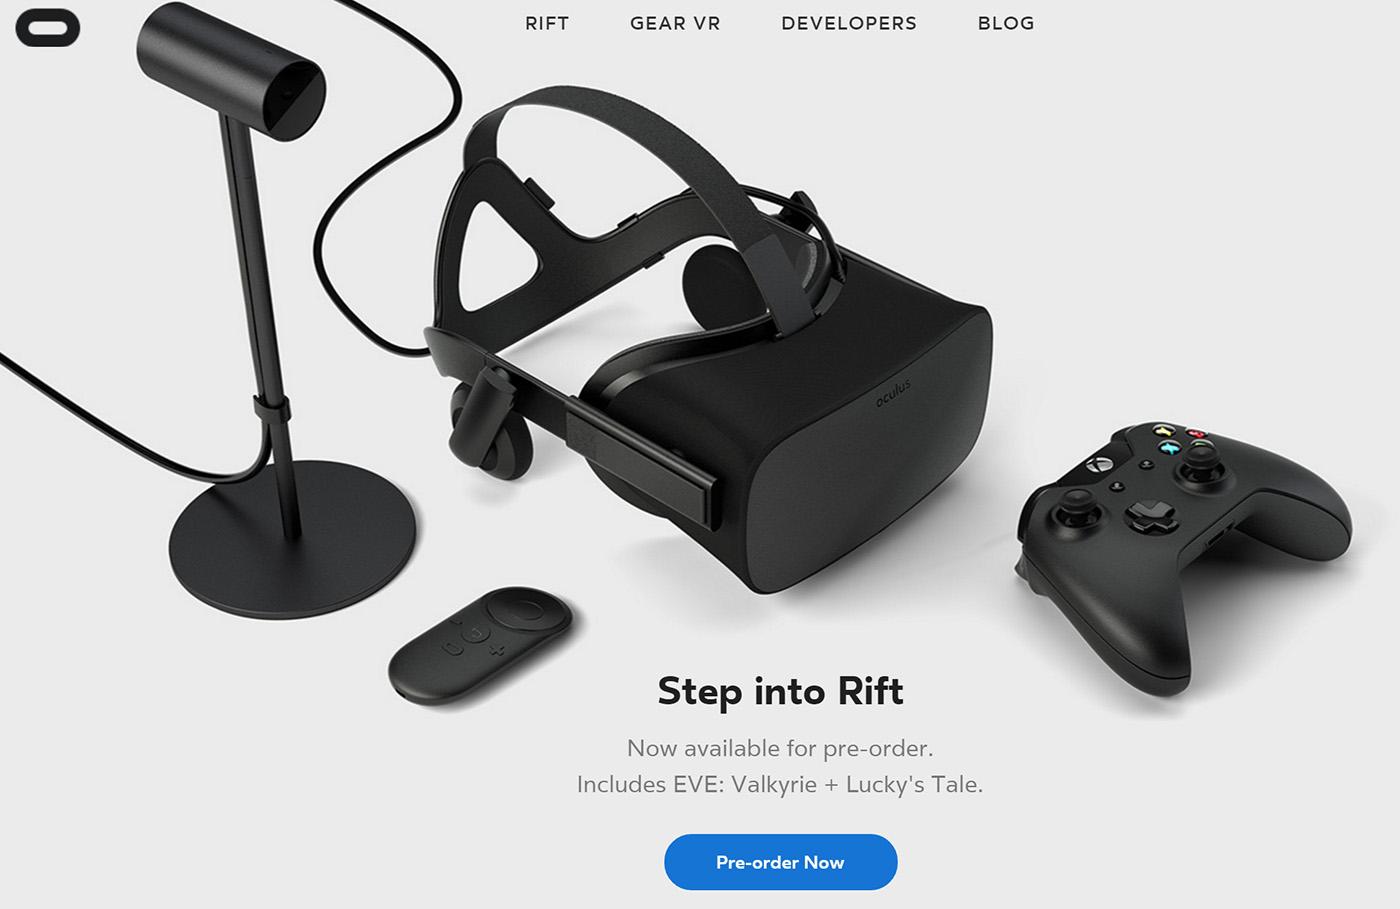 Oculus Rift package